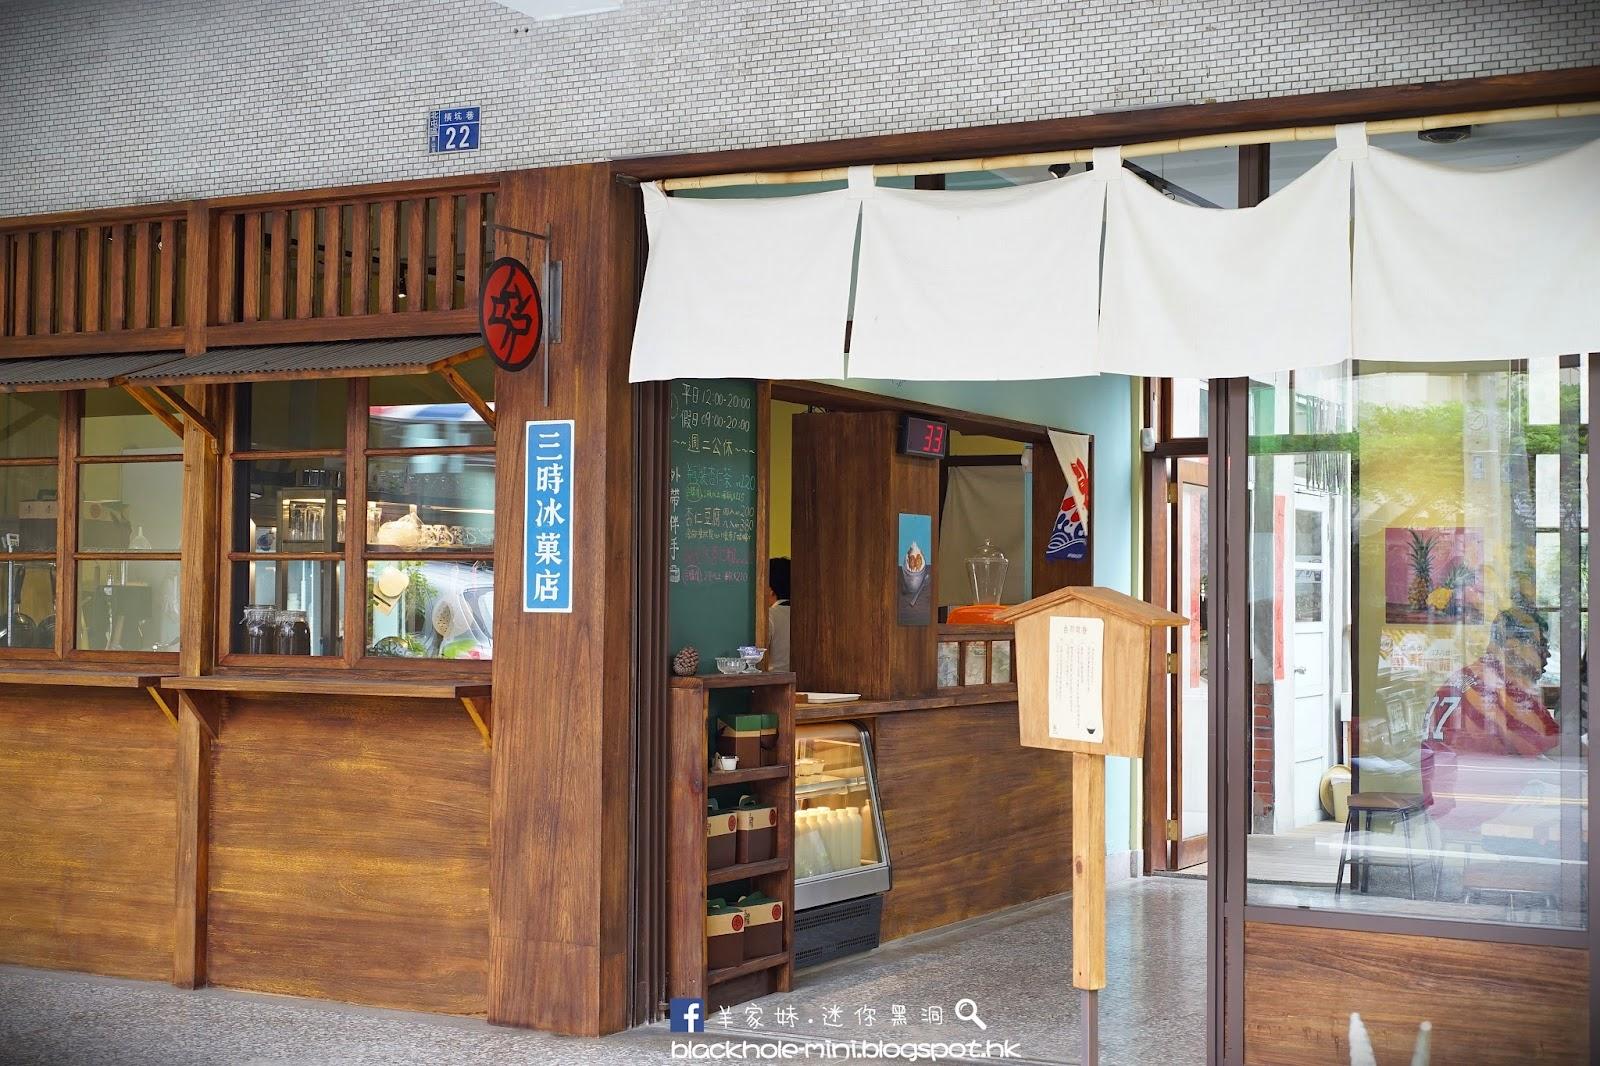 [台灣.台中] 杏仁專賣店賣冰:三時冰菓店